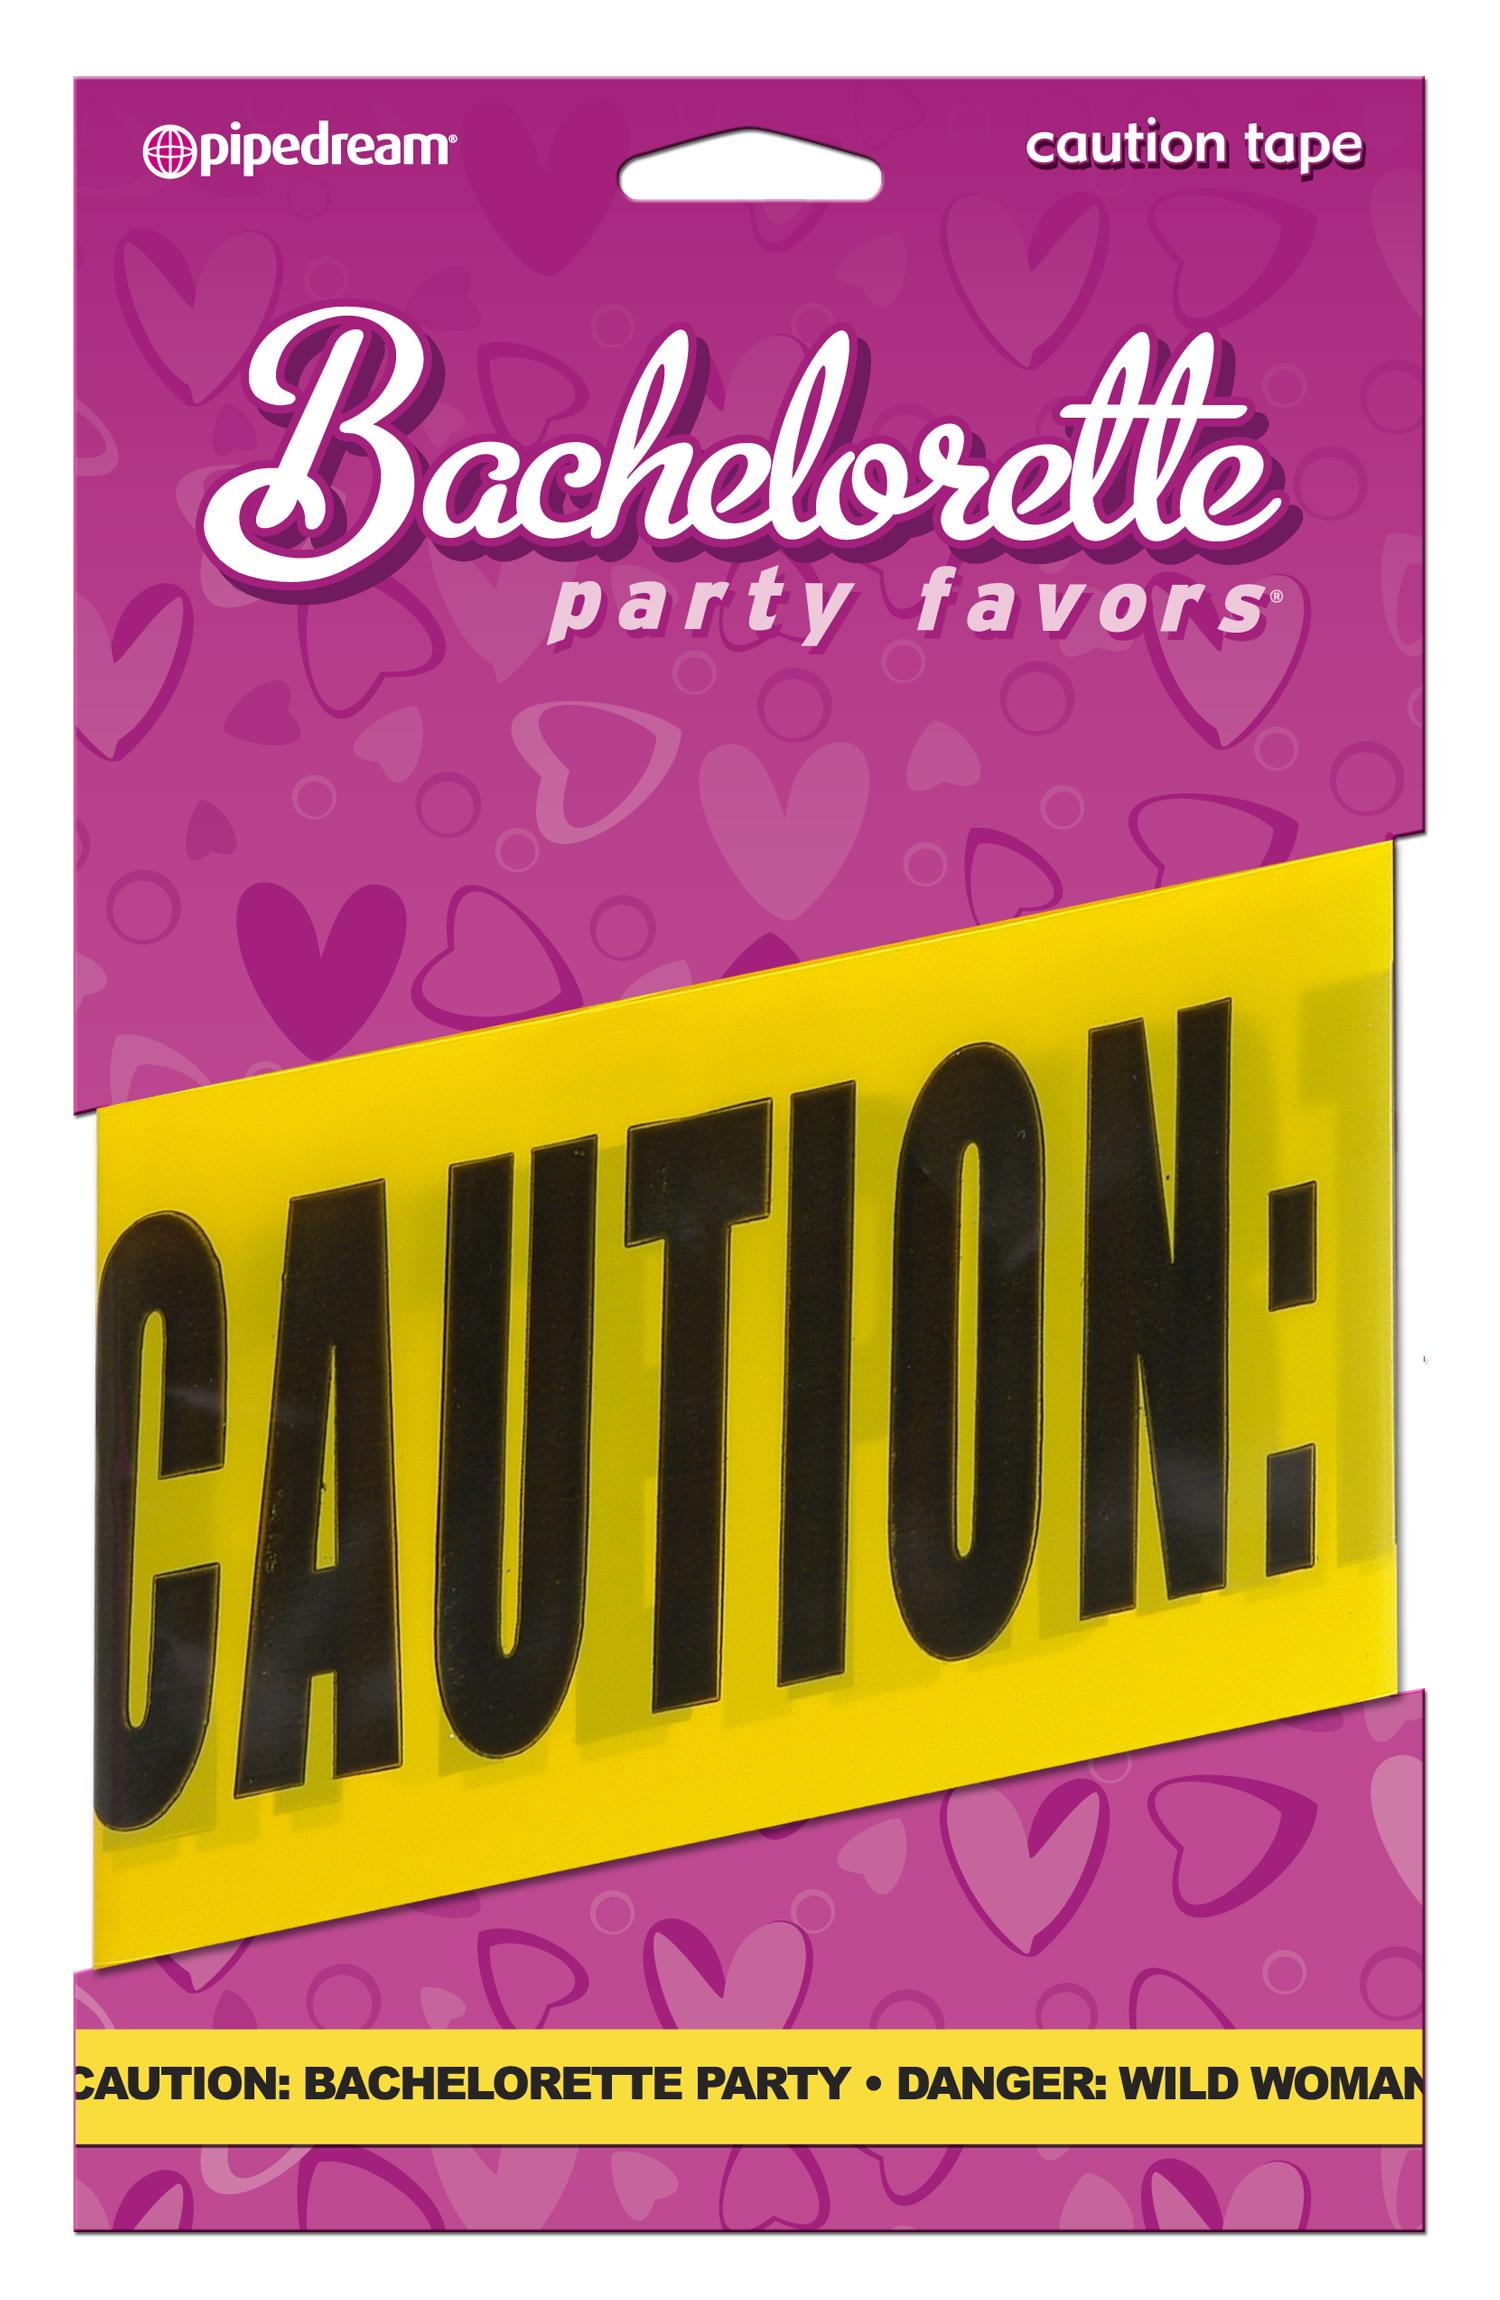 BACHELORETTE CAUTION TAPE 20